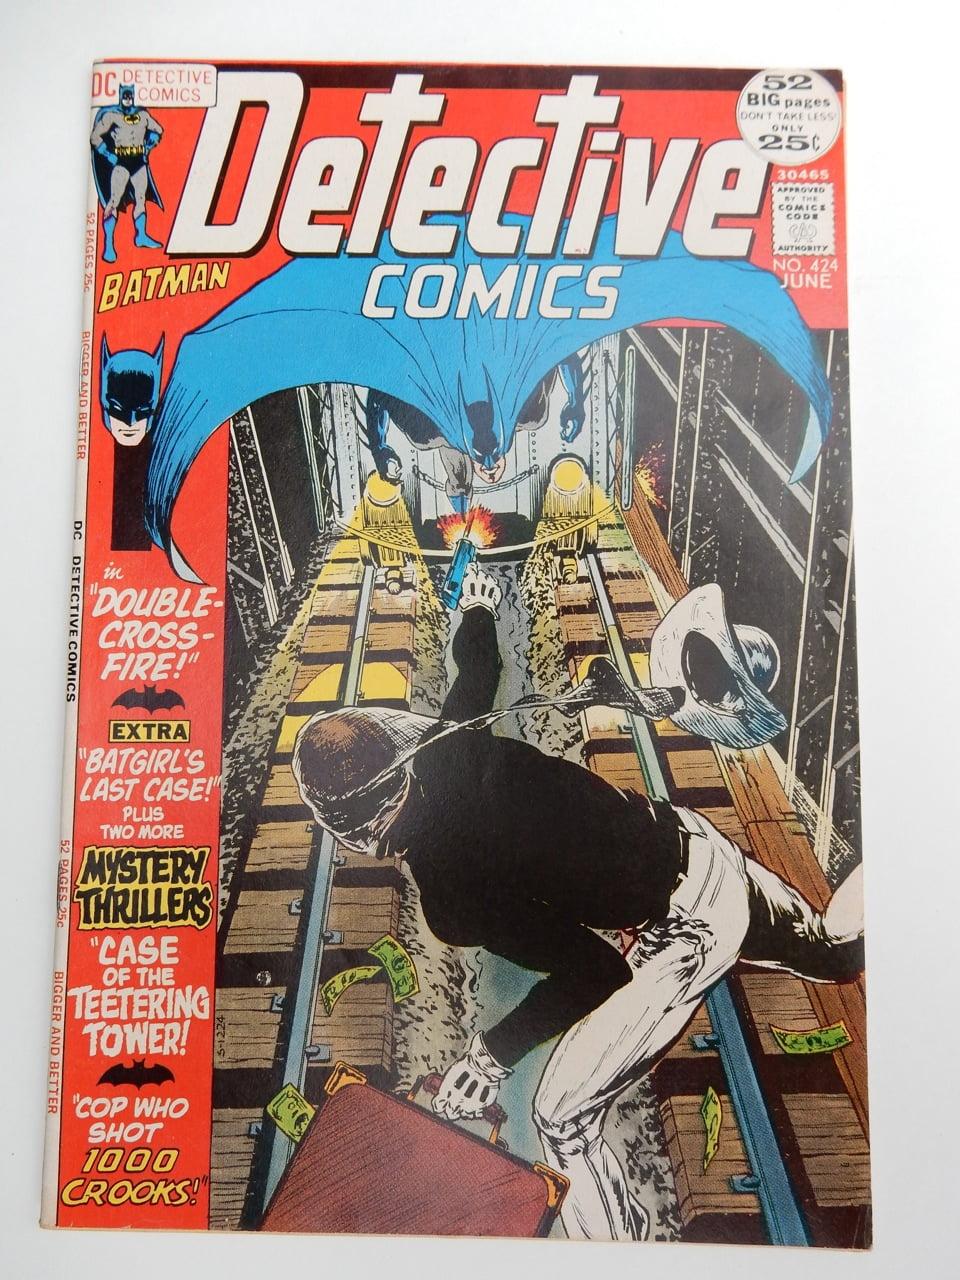 Detective Comics #424